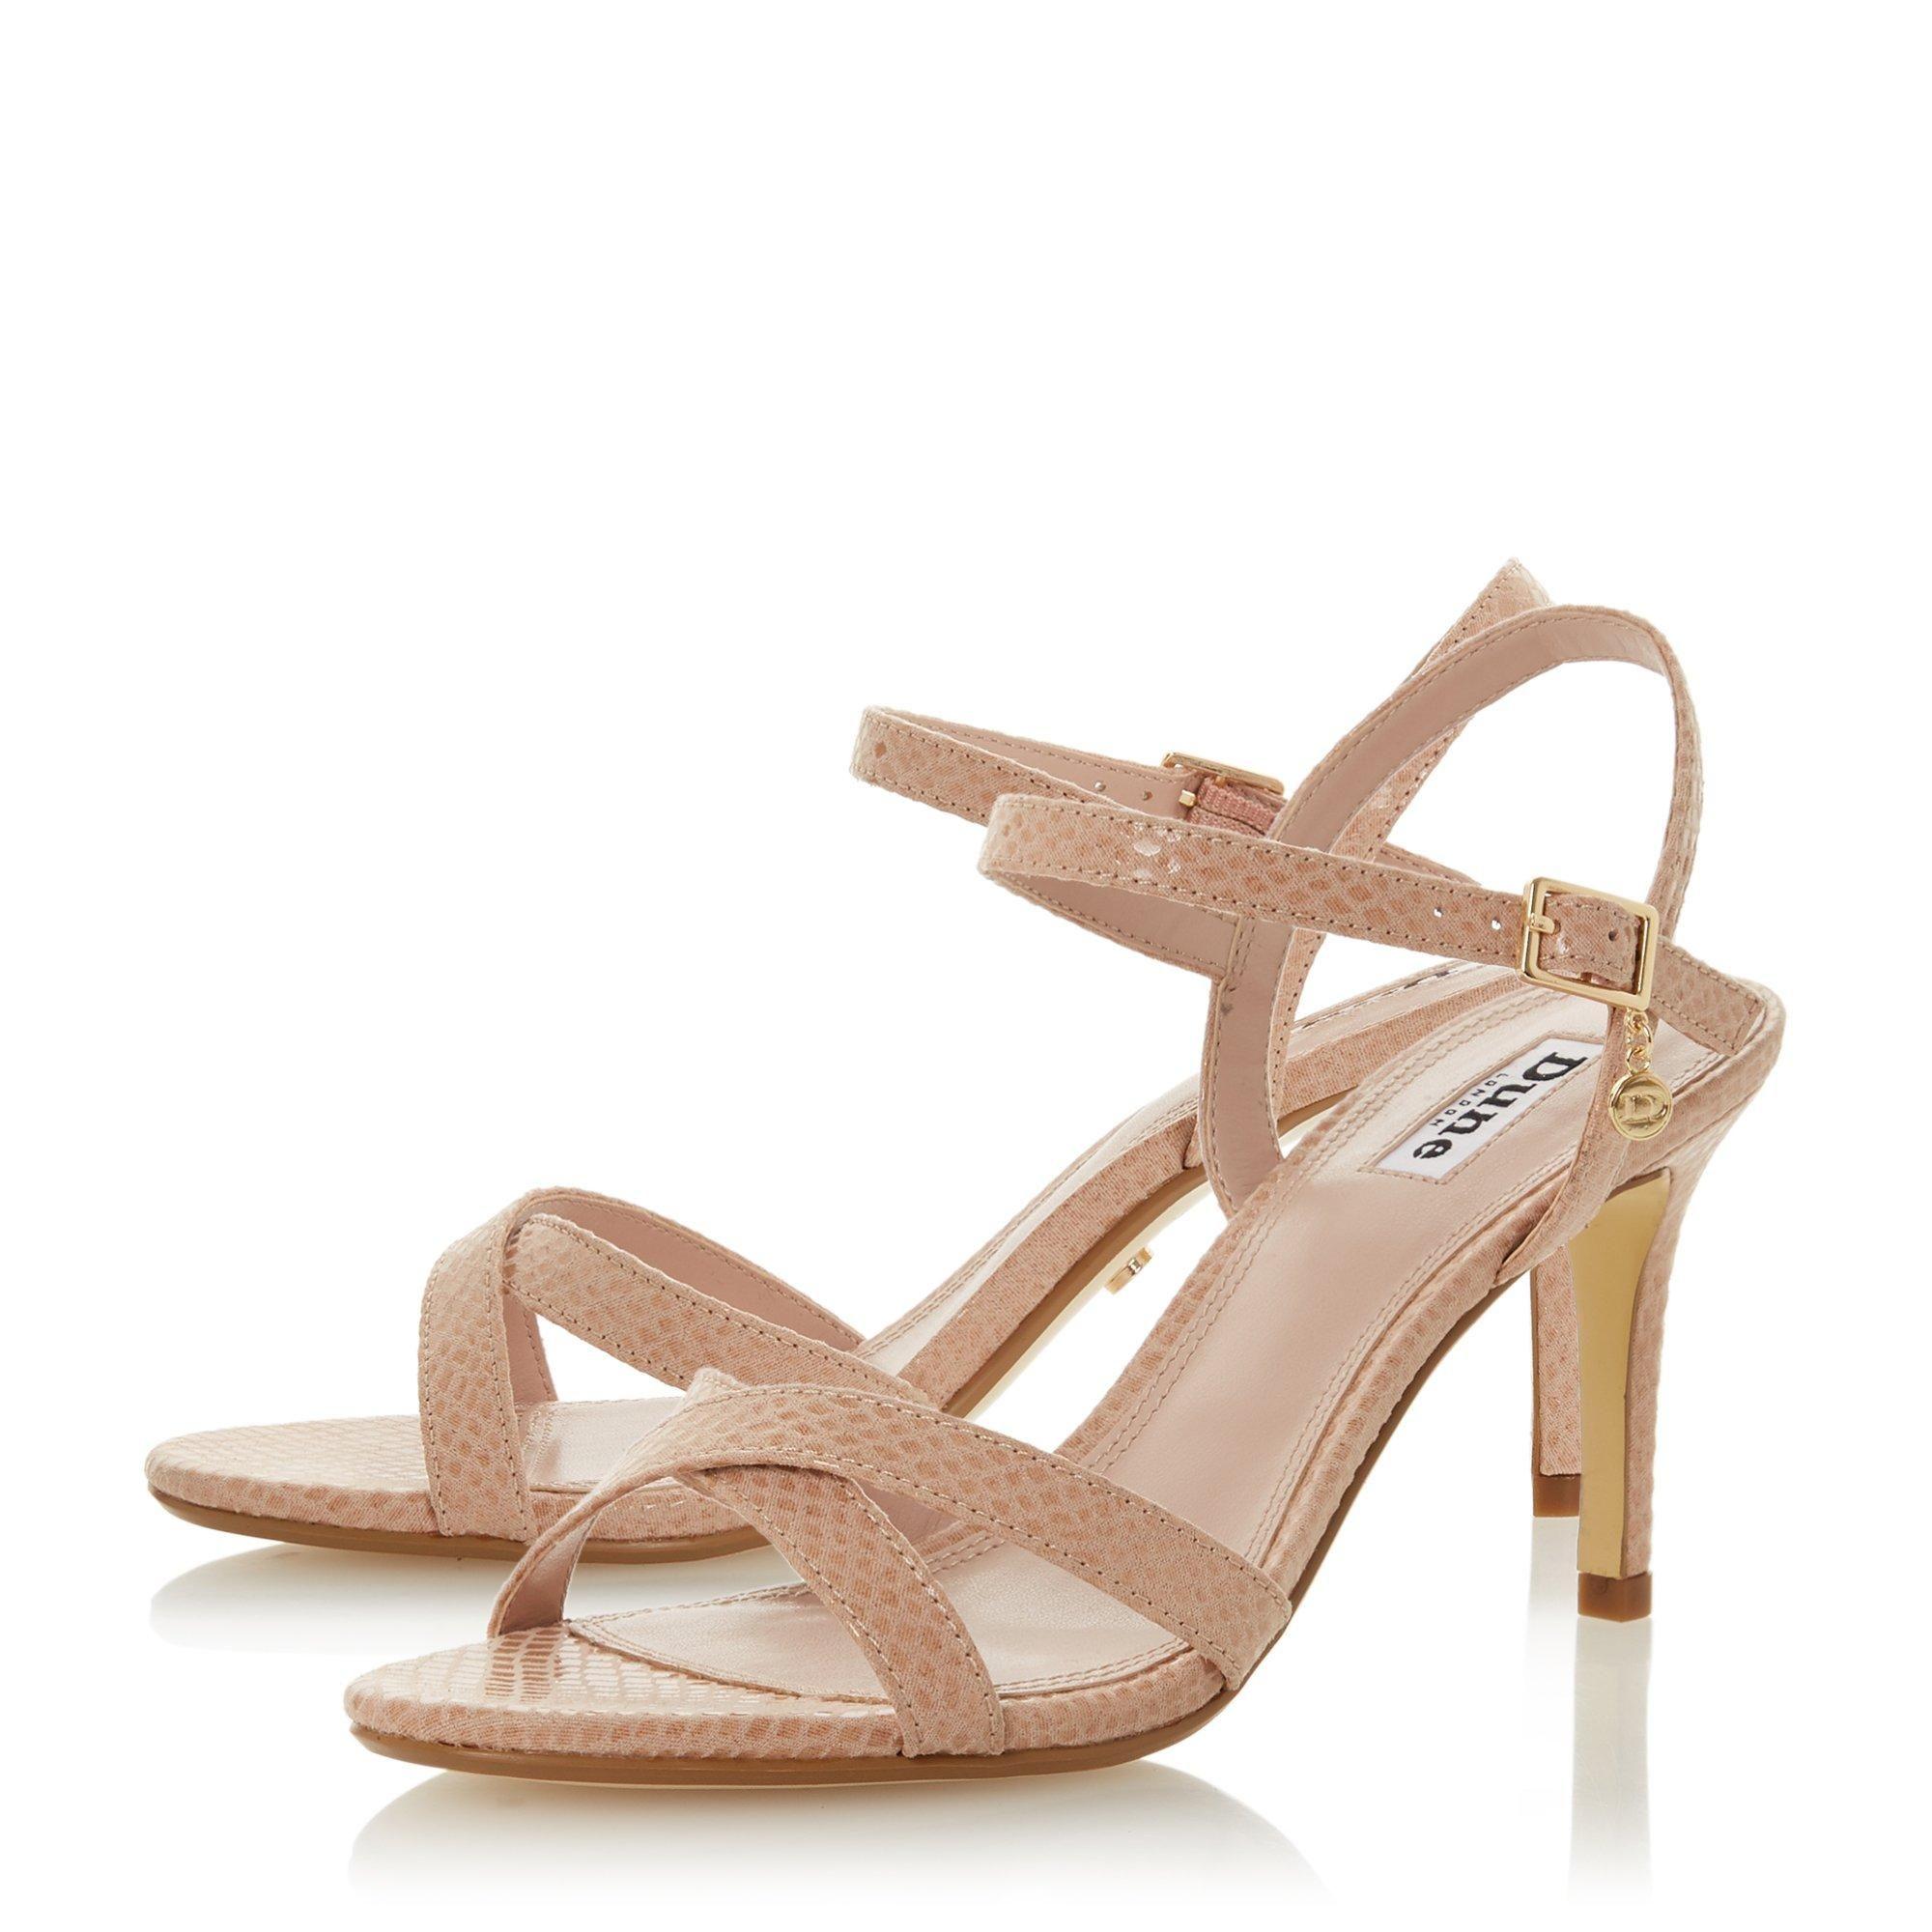 Dune Ladies MARRIETTA Strappy Sandals